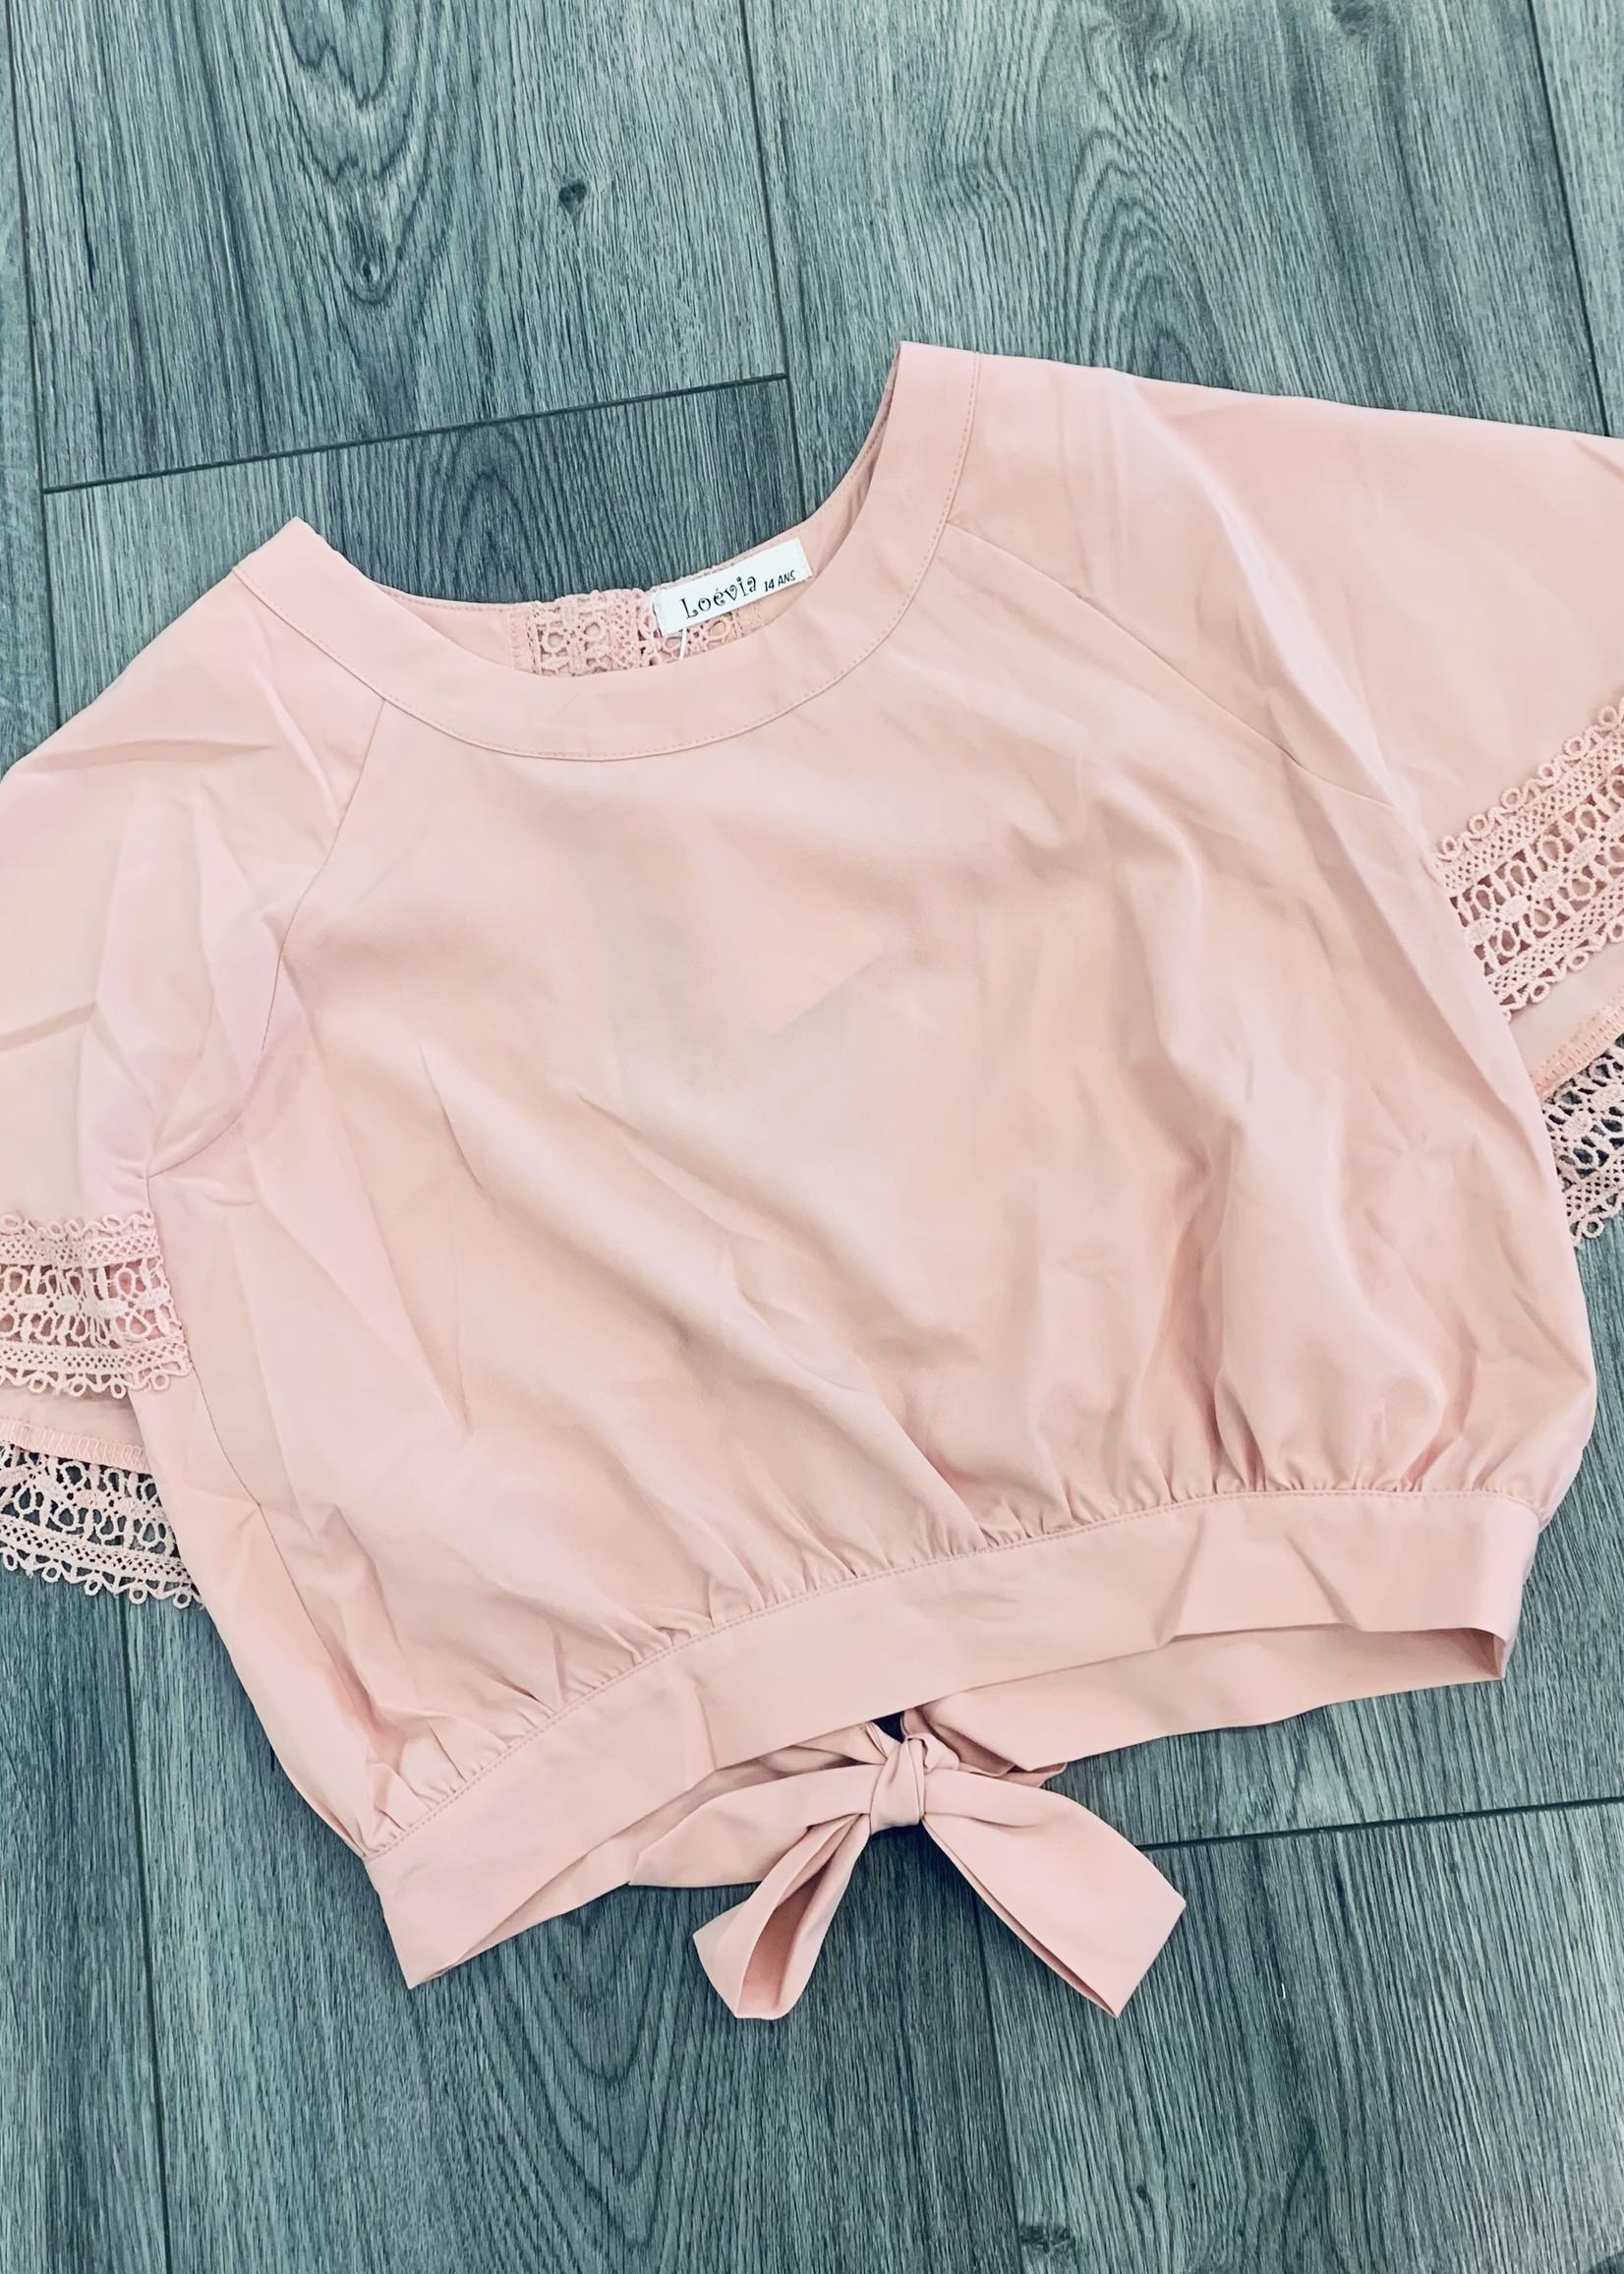 Divanis Divanis top pink 2191